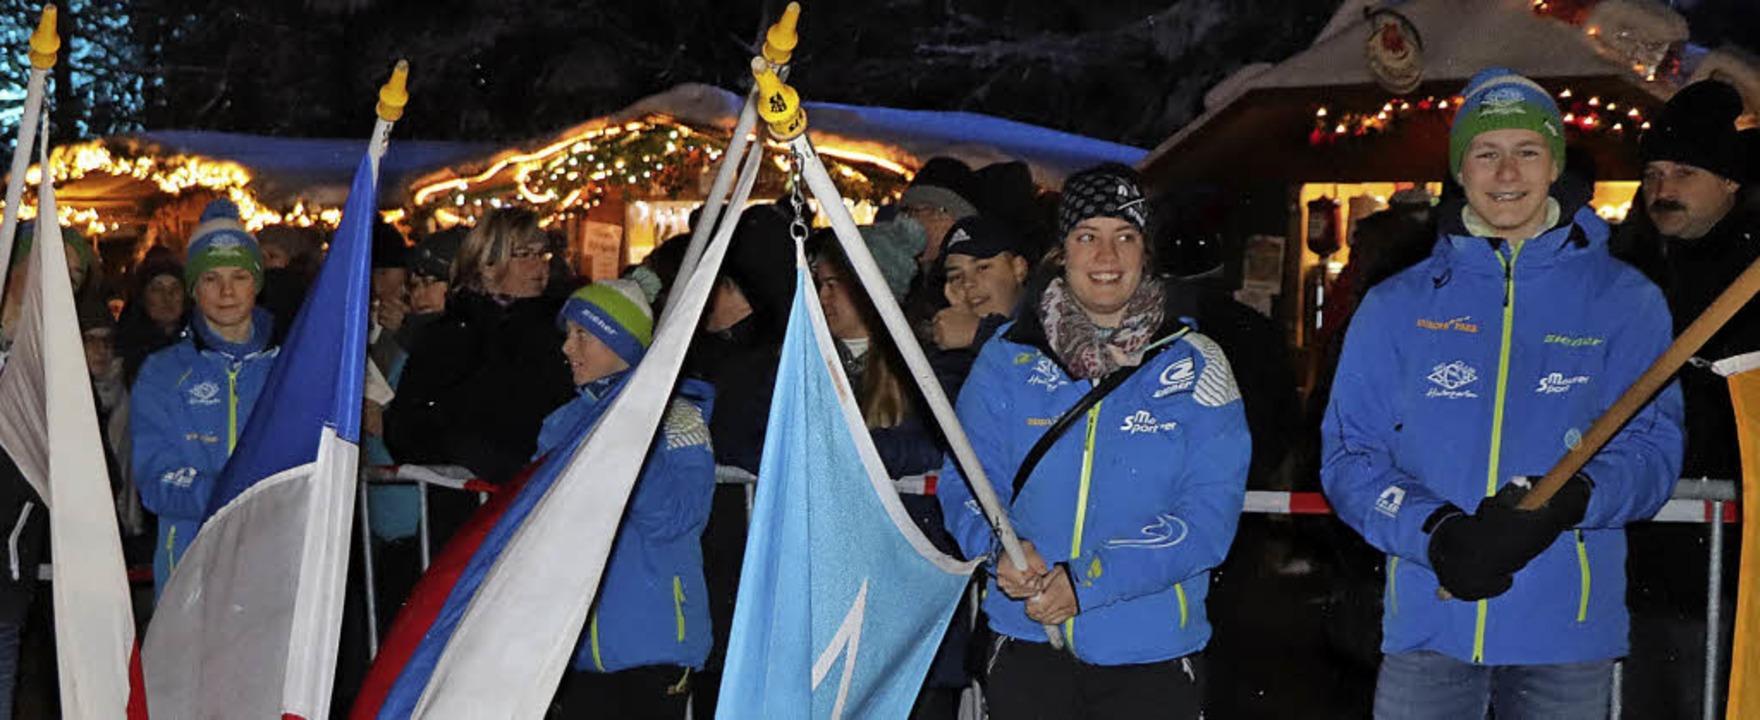 Mädchen und Jungen der Jugendabteilung...ationen sowie die Fahne des Skiclubs.   | Foto: Dieter Maurer